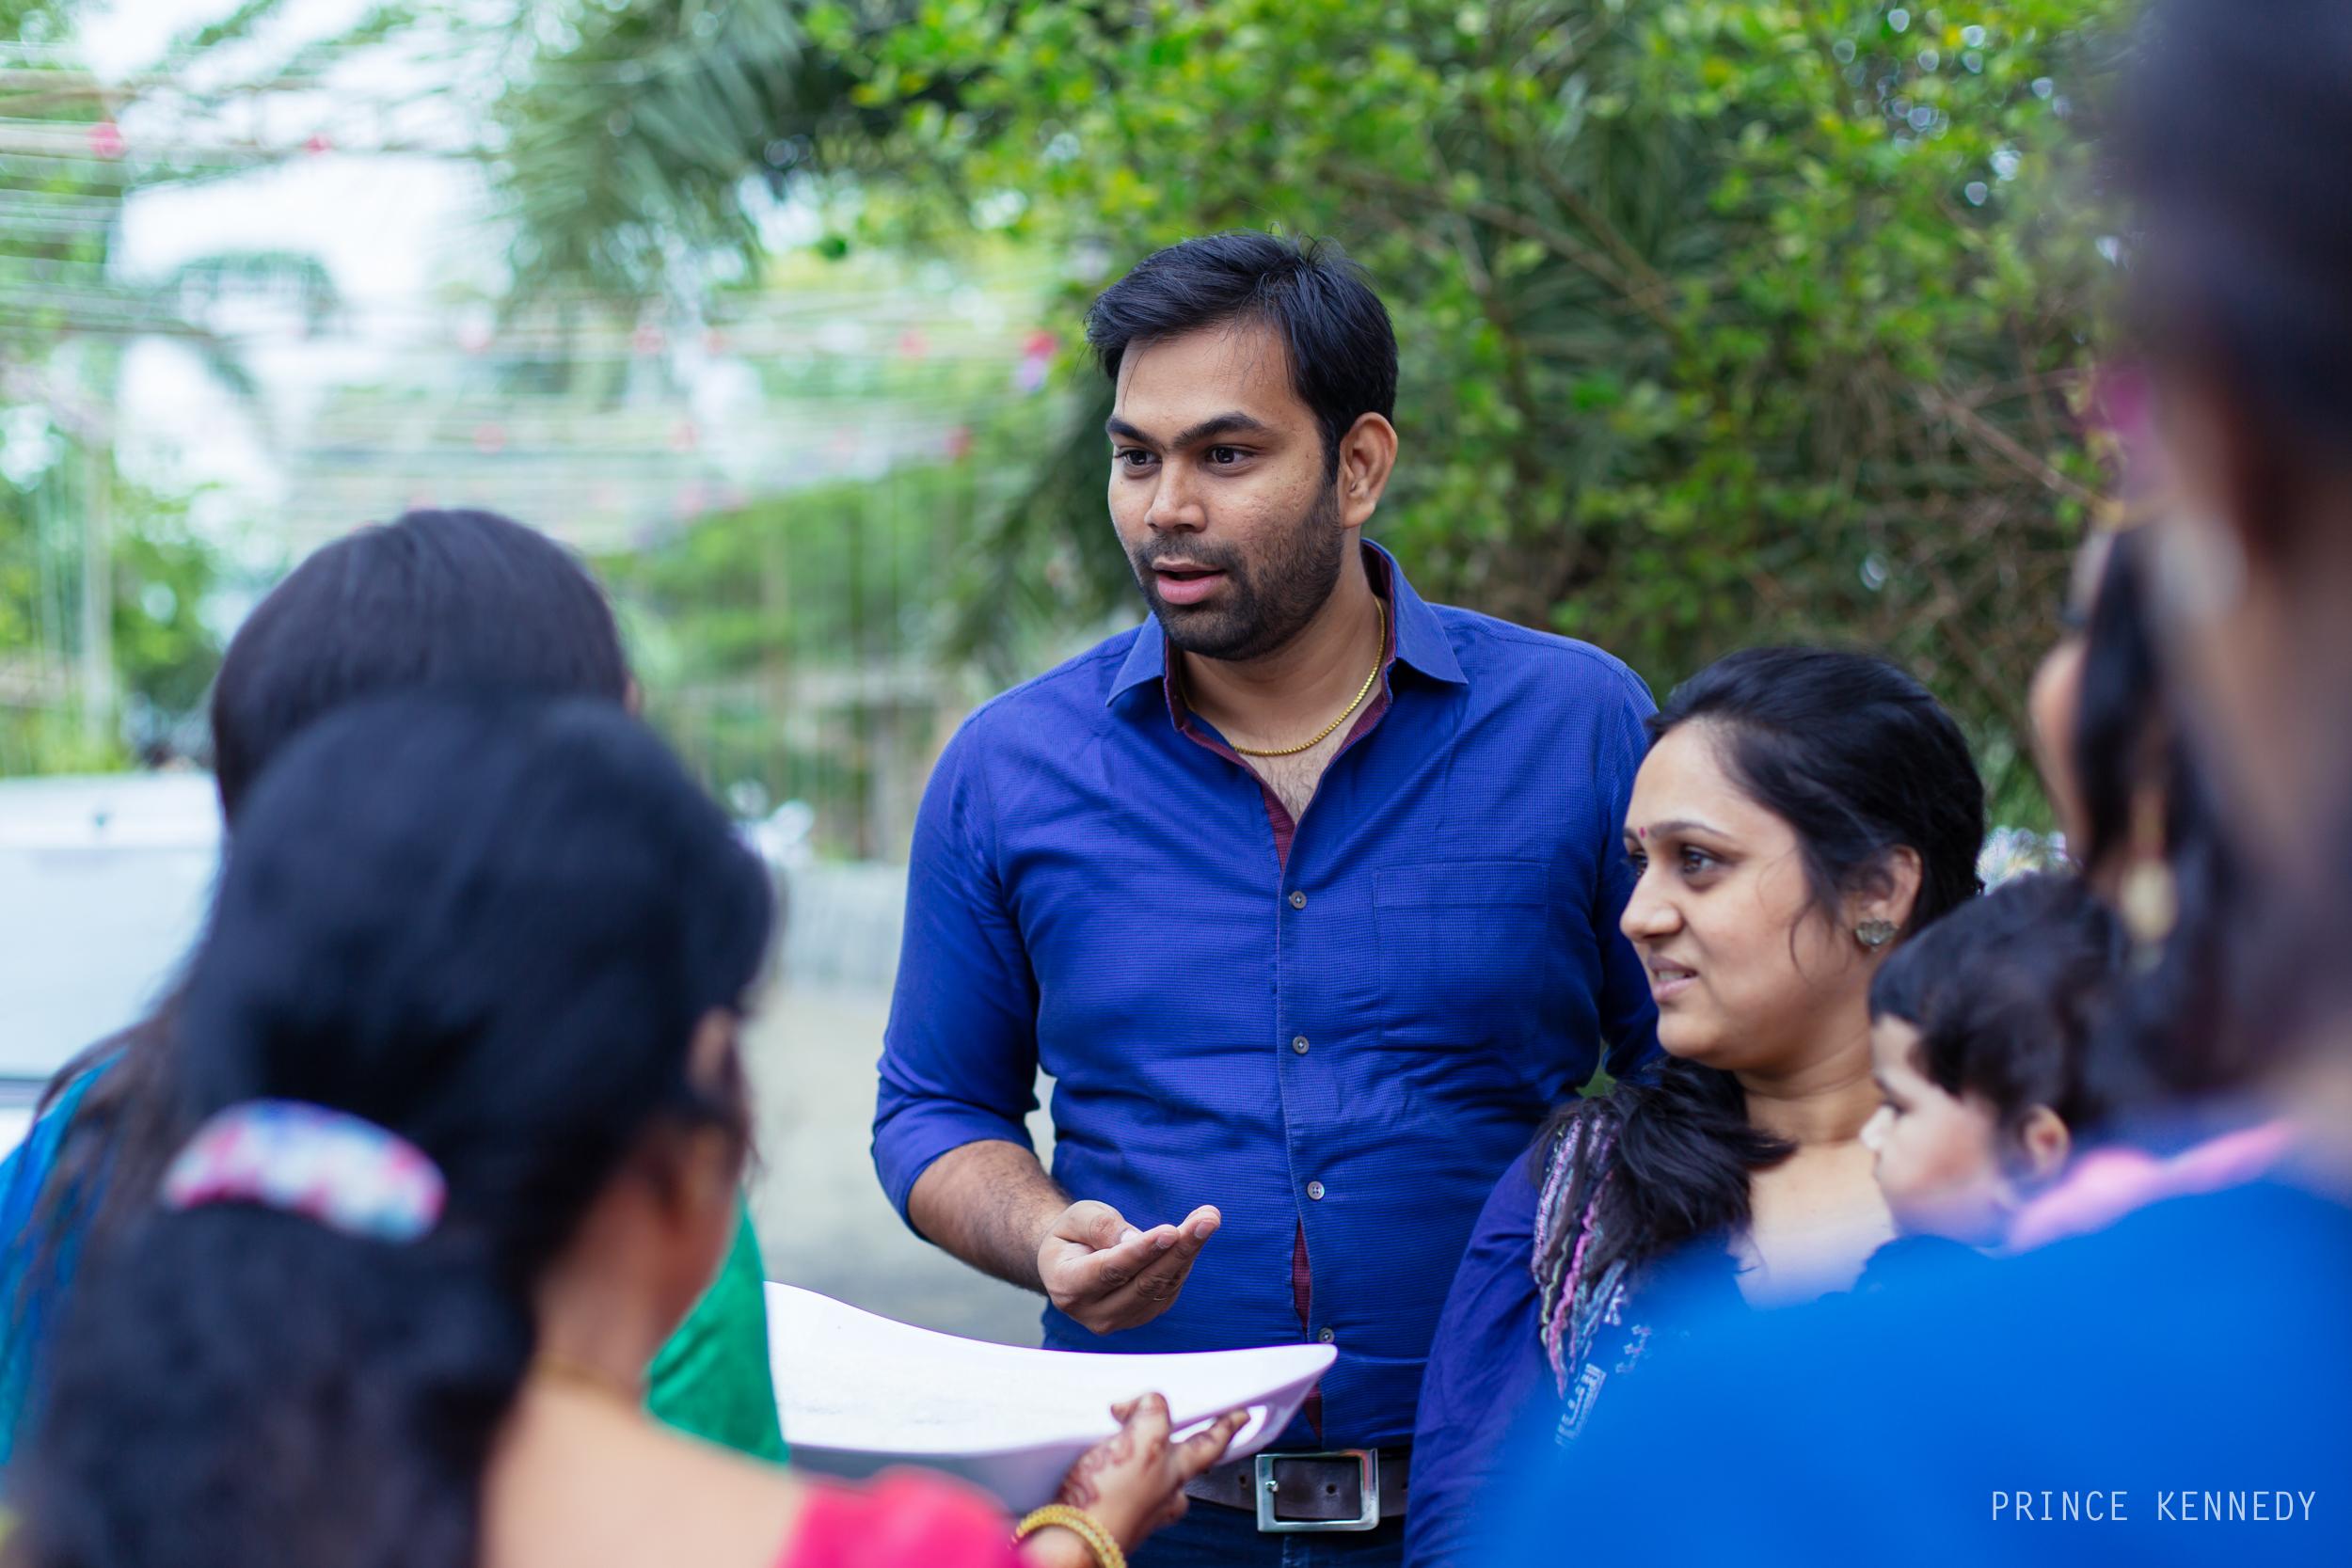 Engagement-Couple-Portrait-Portraiture-Wedding-Couple-Portrait-Chennai-Photographer-Candid-Photography-Destination-Best-Prince-Kennedy-Photography-25.jpg